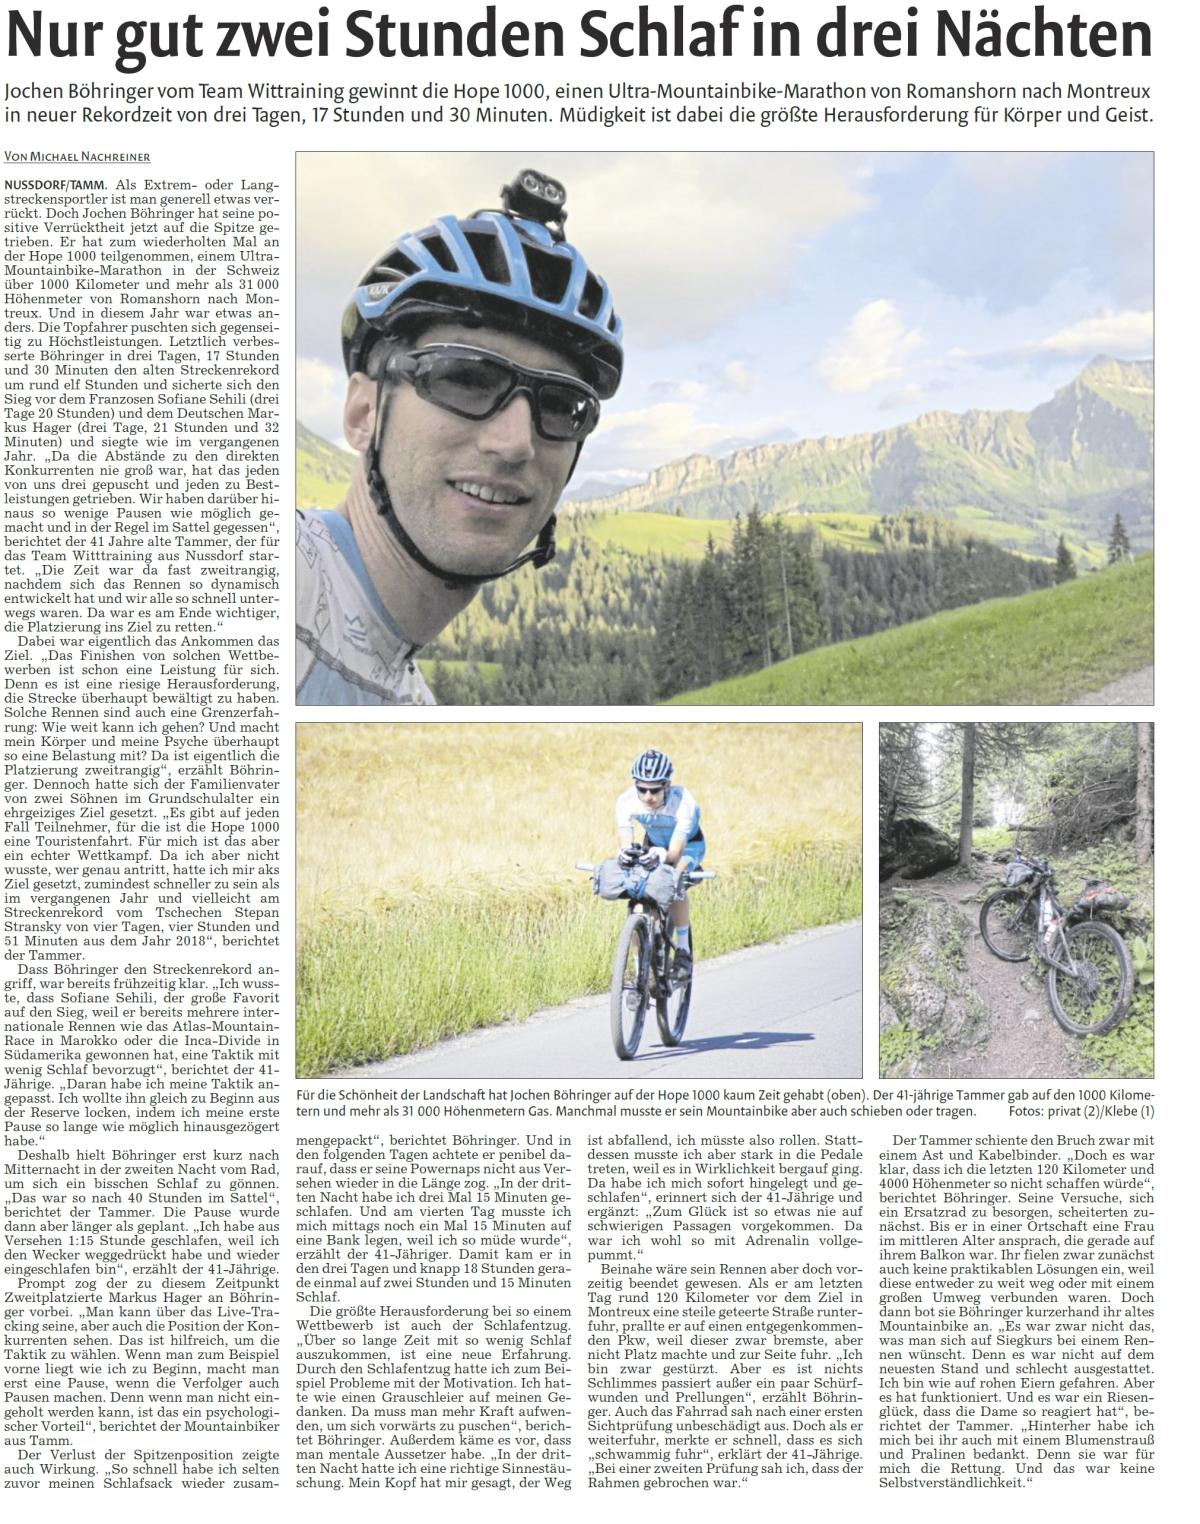 Presse – Vaihinger Kreiszeitung 01.07.2020 – Nur gut zwei Stunden Schlaf in dreiNächten